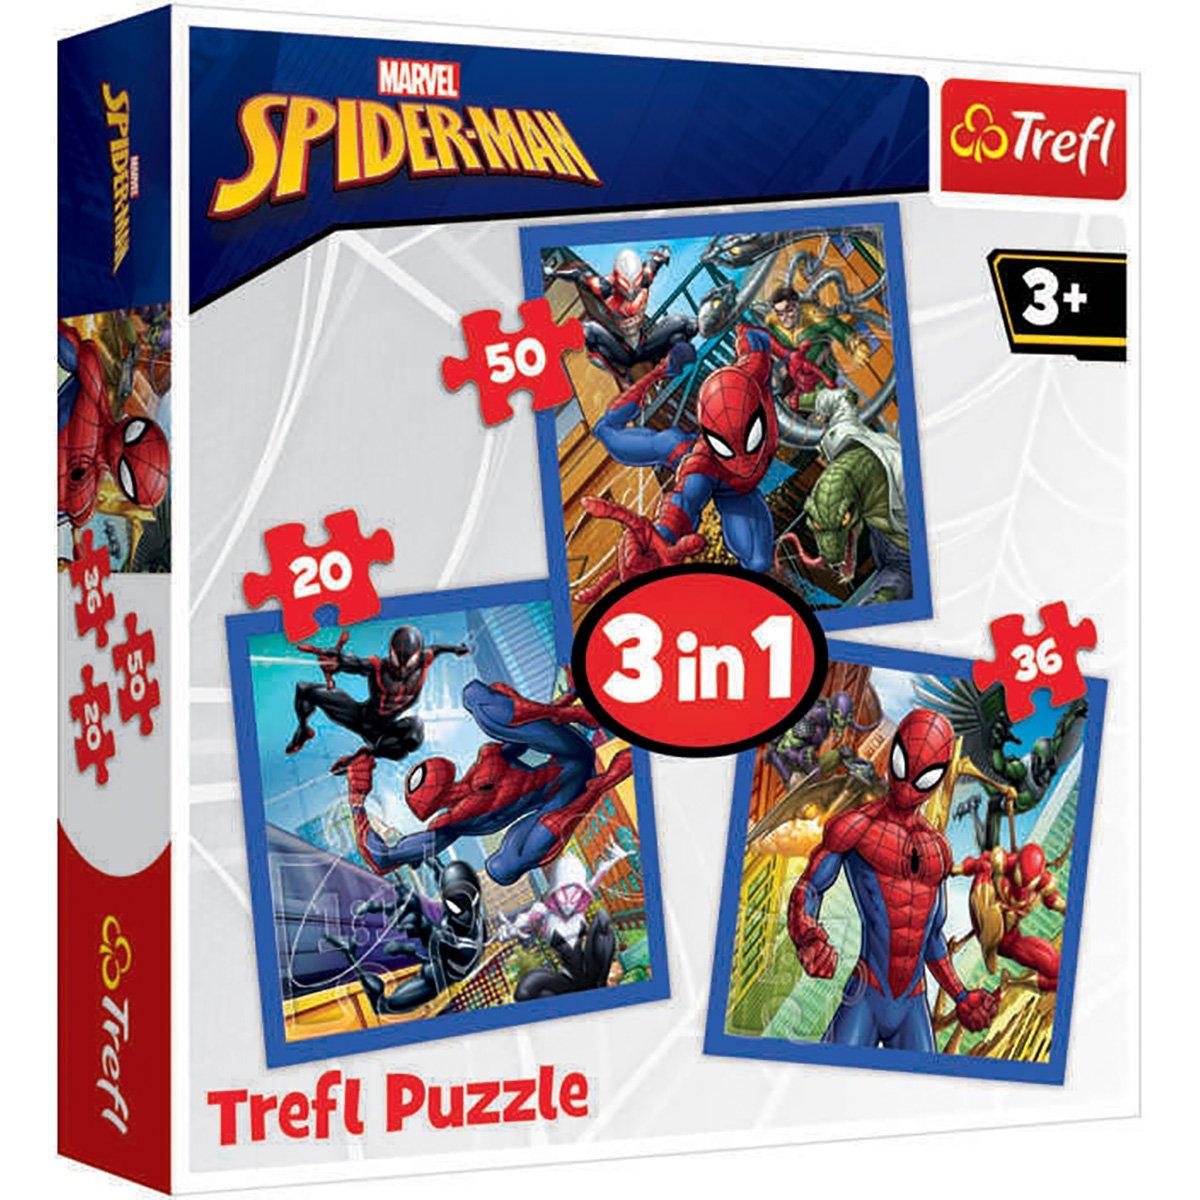 Puzzle 3 in 1 Trefl, Spiderman, Puterea paianjenului (20, 36, 50 piese)